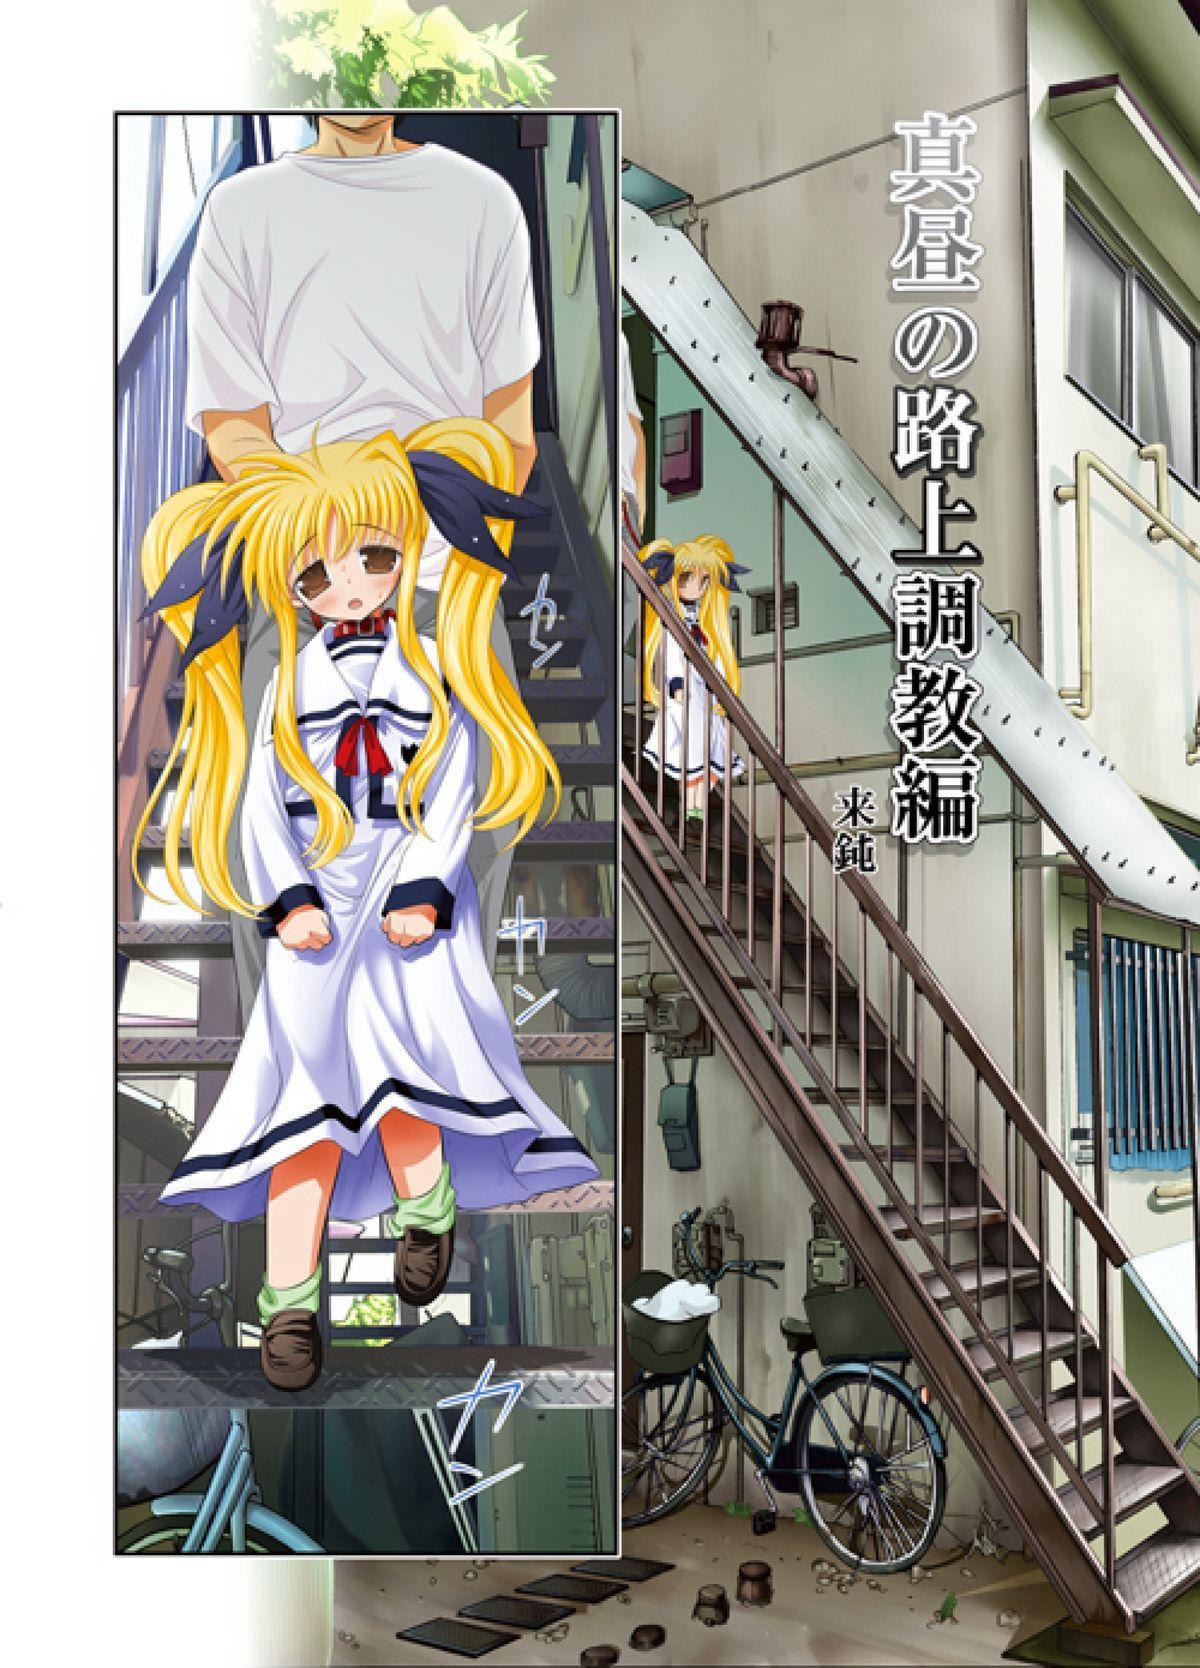 Fate-chan. Mahiru no Rojou Choukyou Hen 2